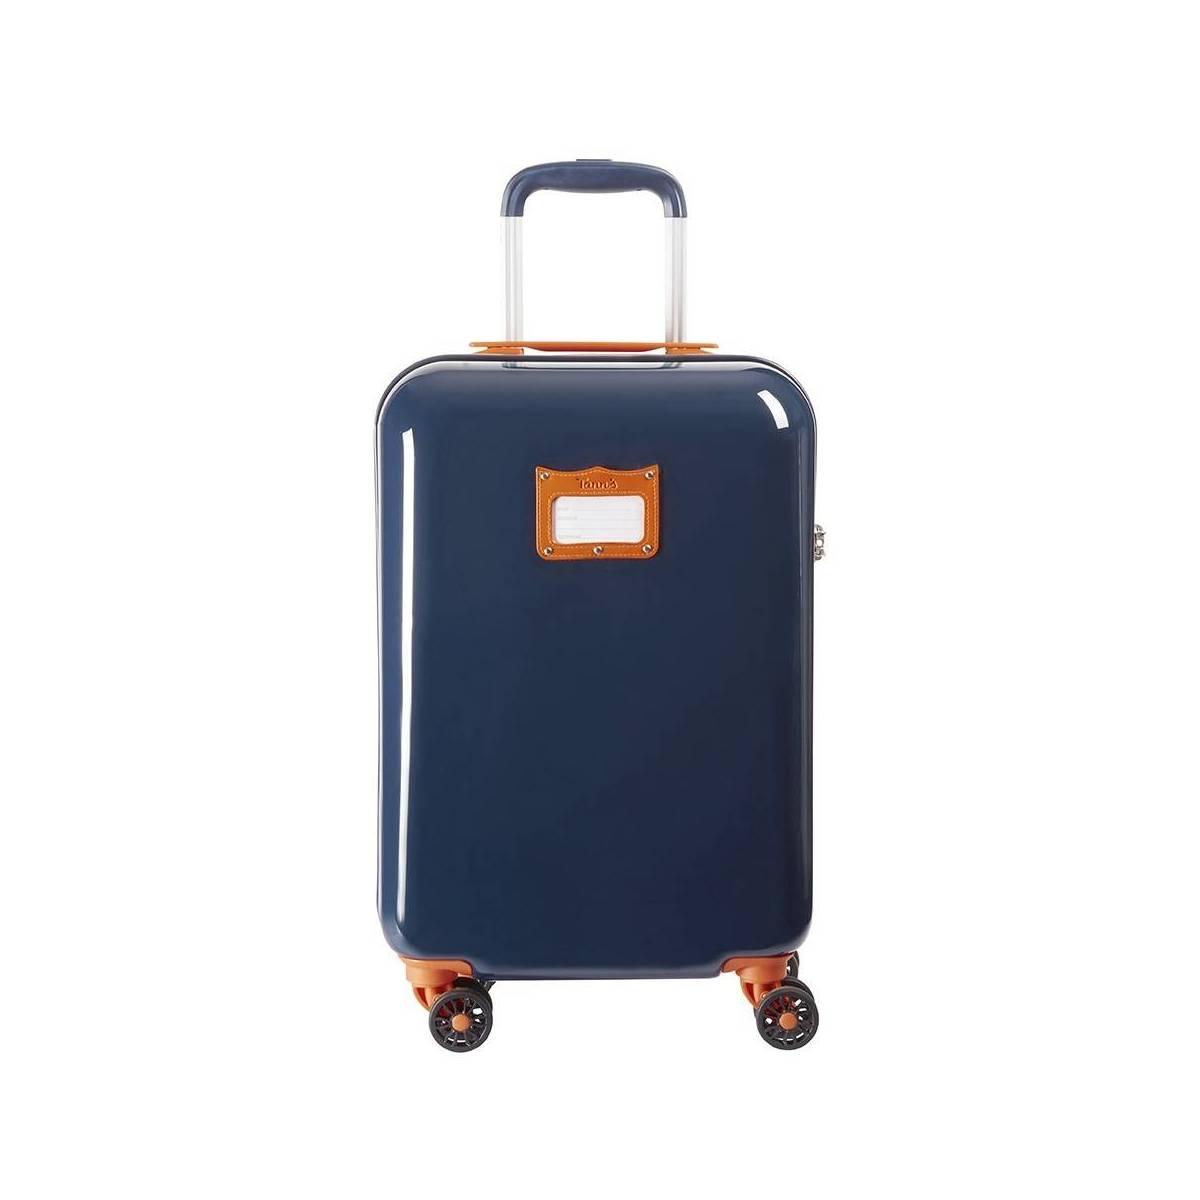 Valise Tann's Ouessant Bleu Taille M 65 cm